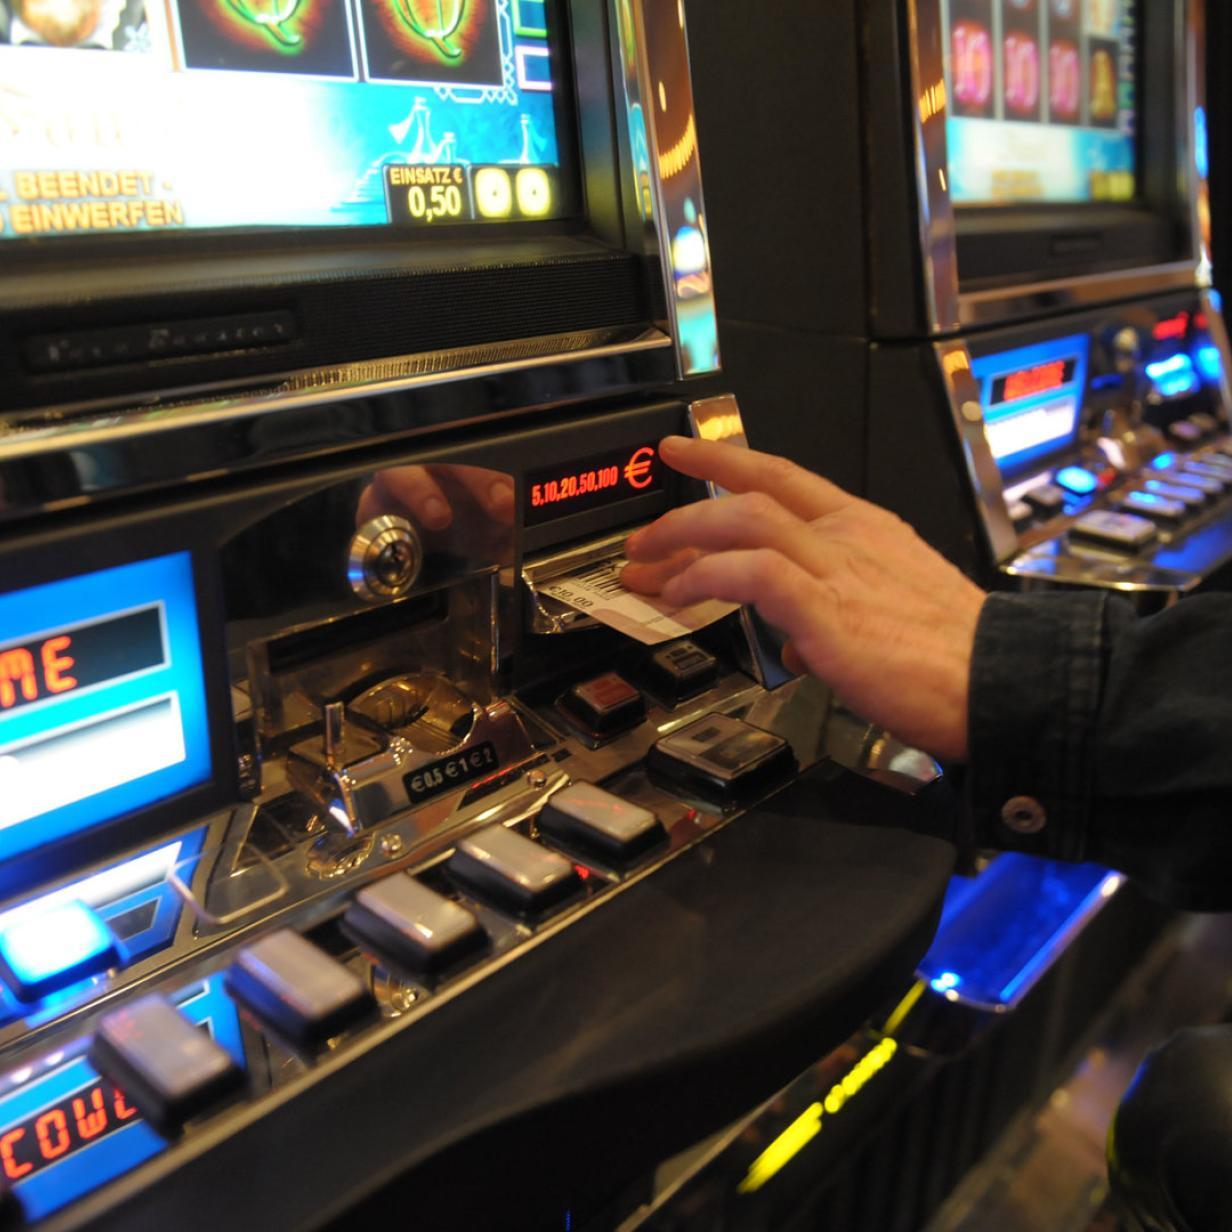 Glücksspiel-Clan: Wiener Familie bunkerte 553 illegale Automaten